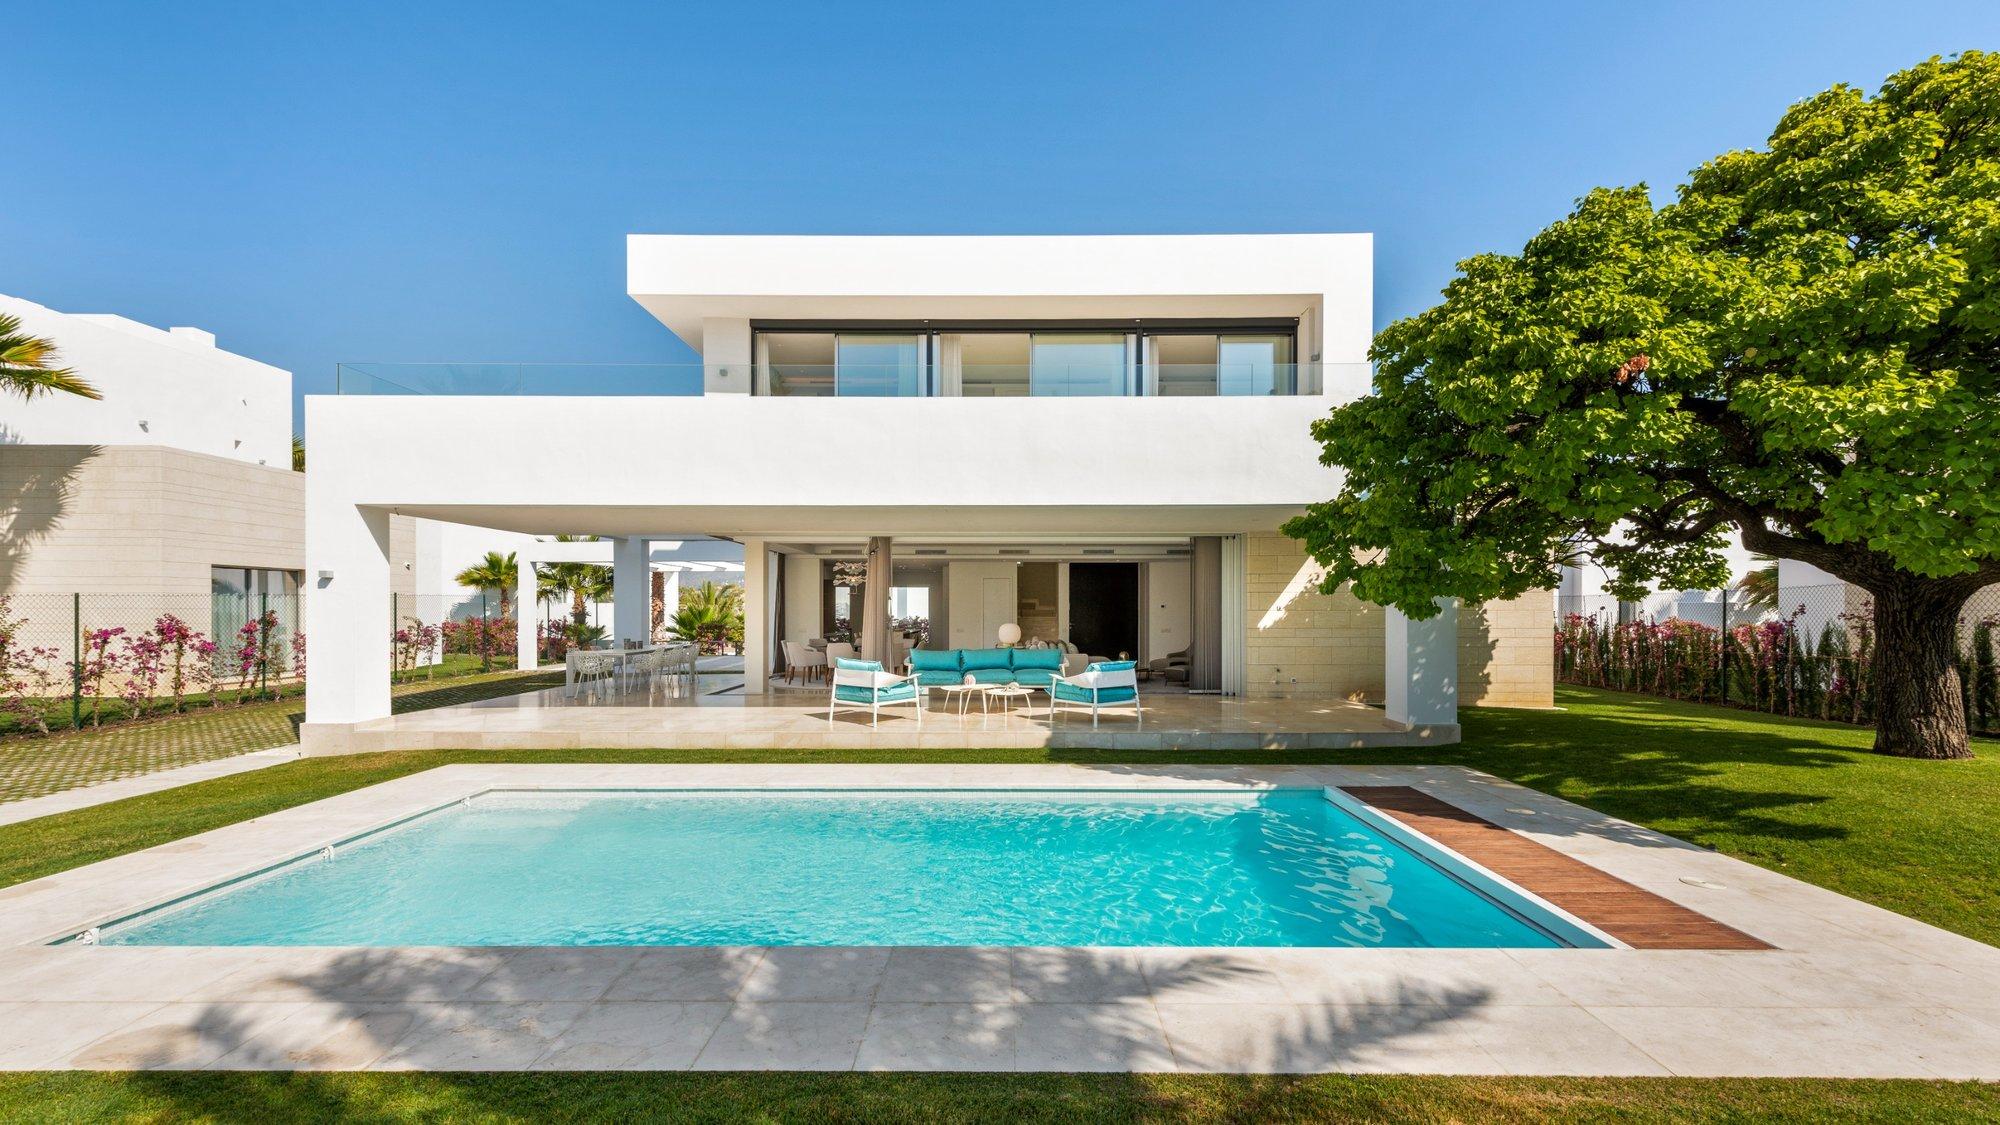 Villa for sale in Marbella, La Finca de Marbella